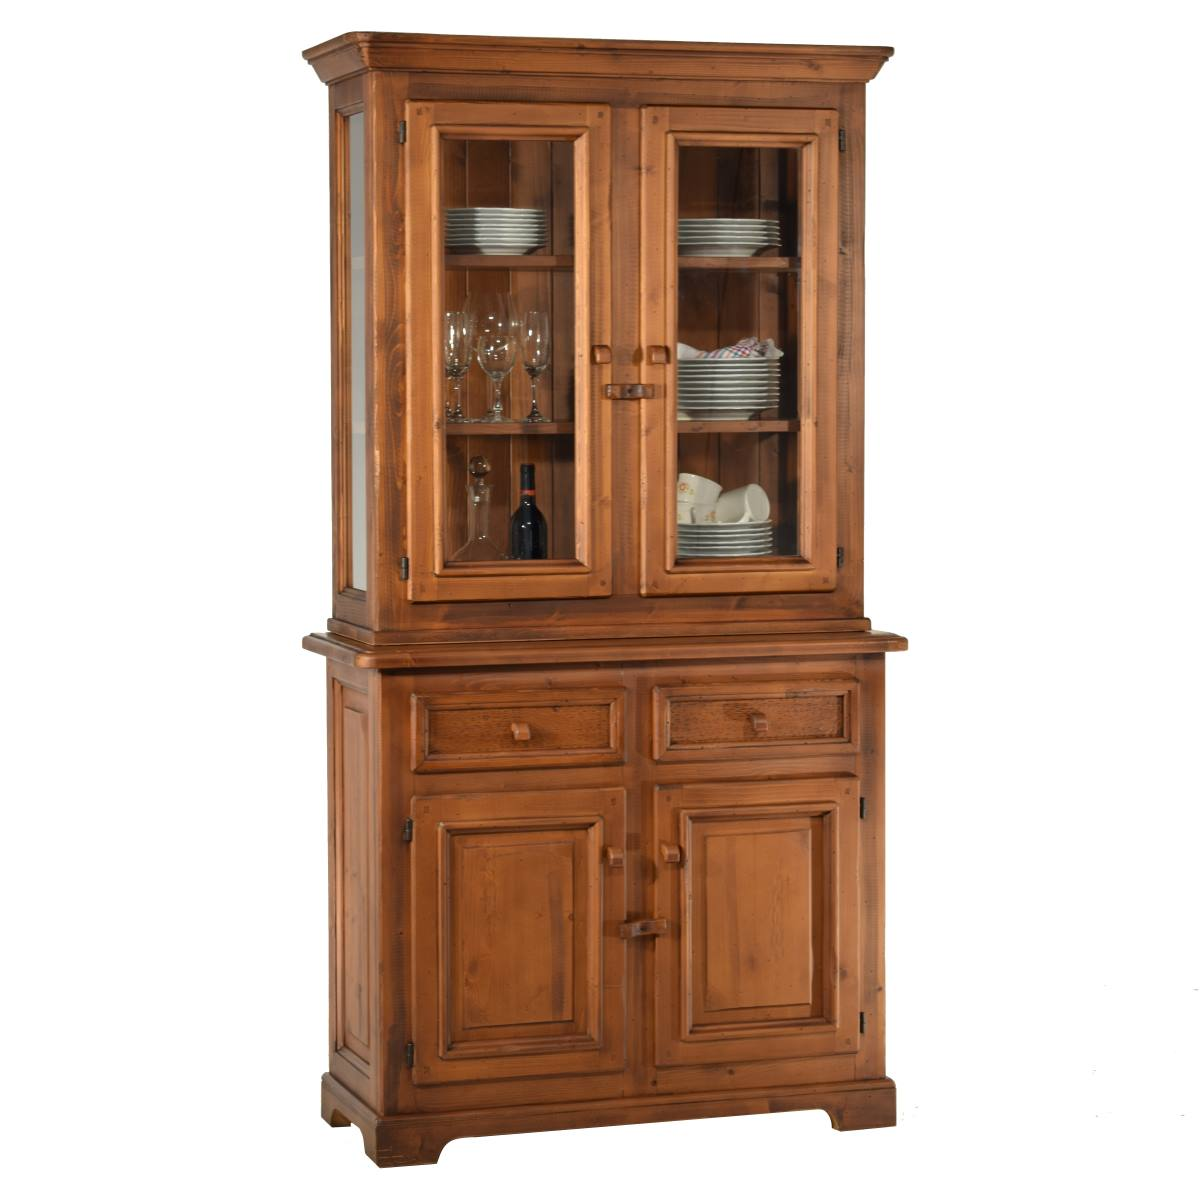 Armario Joyero Tienda Casa ~ Aparador vitrina rústico pequeño de madera